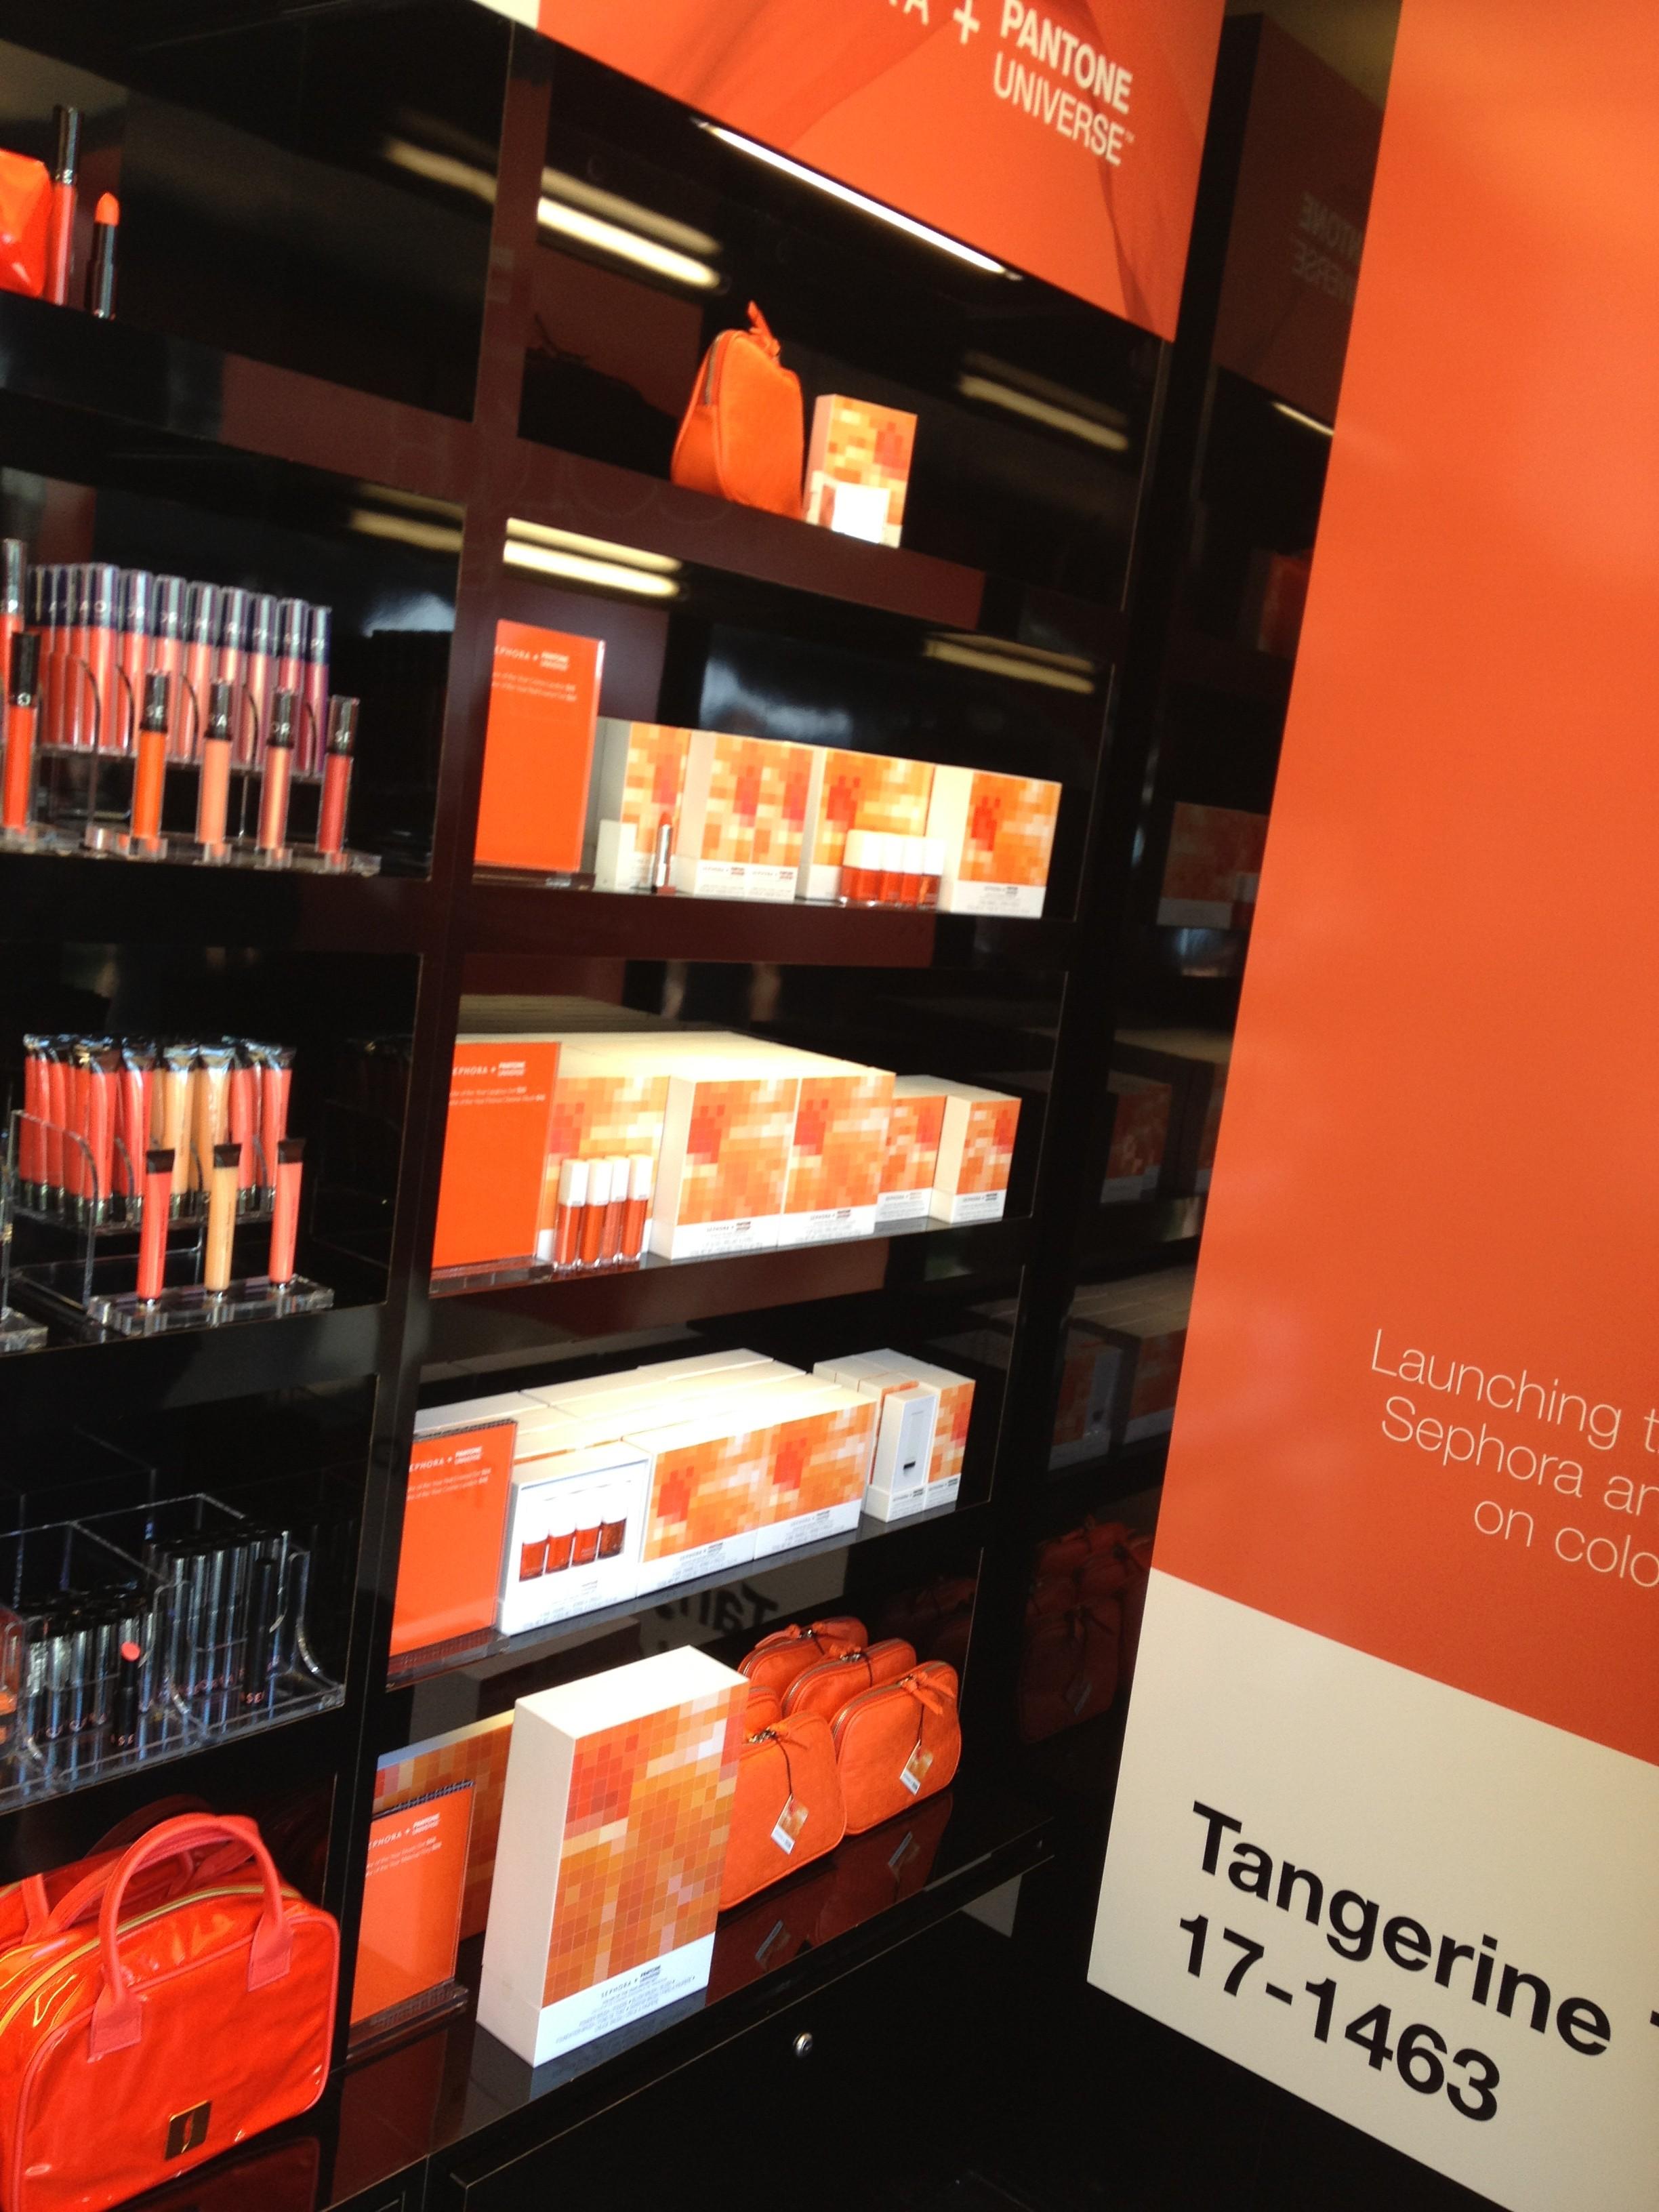 Sephora Launches Pantone Tangerine Tango Collection pics